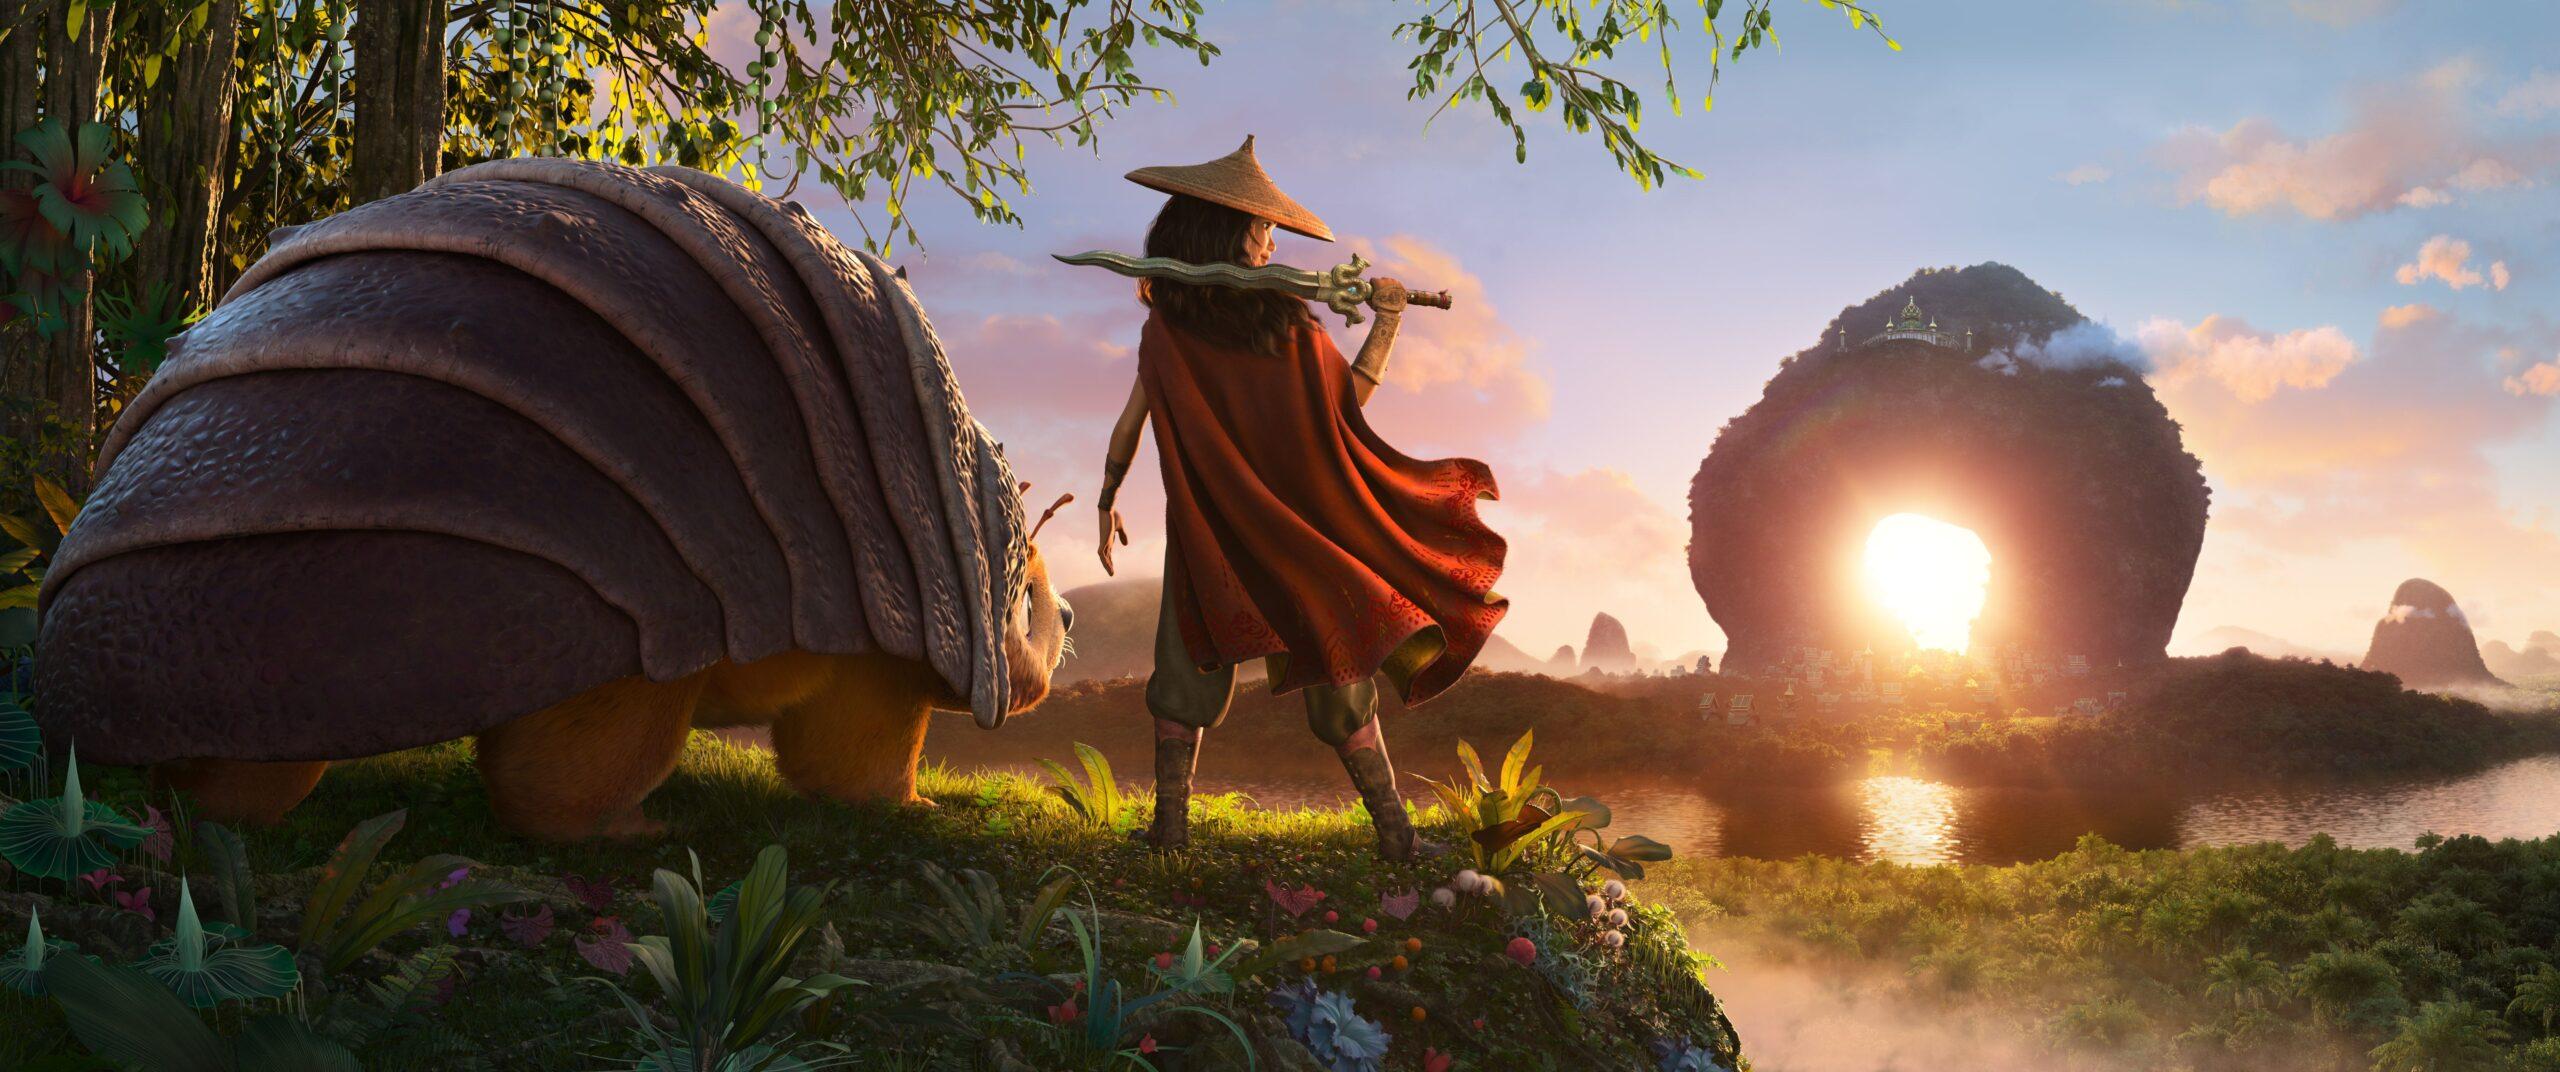 Raya e l'Ultimo Drago: Da marzo al cinema e nuovo trailer ufficiale